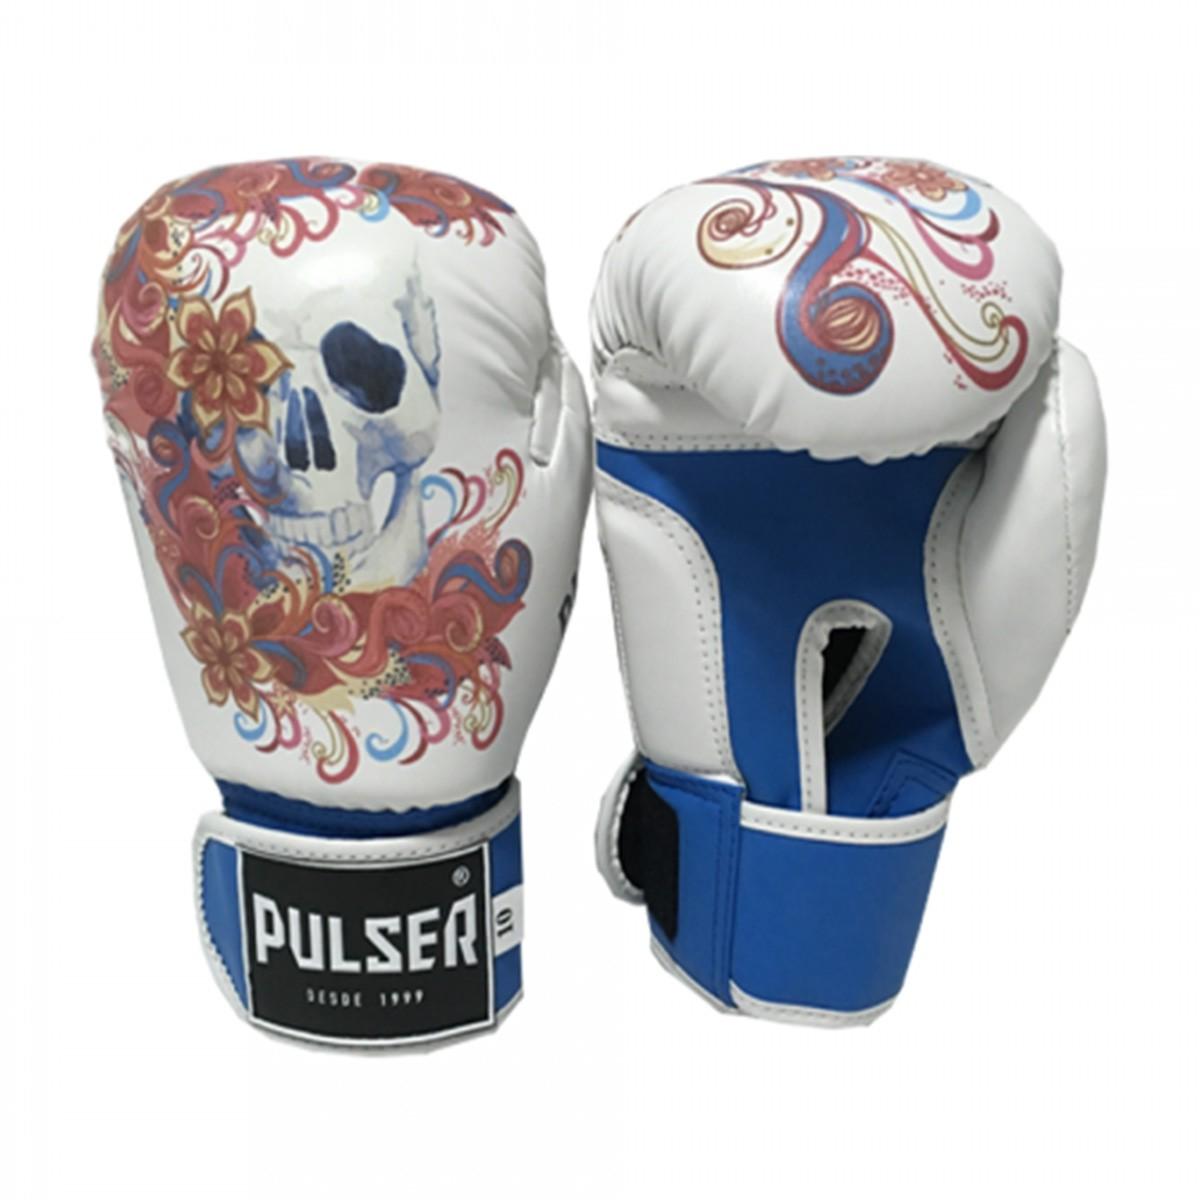 Kit de Boxe / Muay Thai Feminino 12oz - Caveira Azul Floral  - Pulser  - PRALUTA SHOP